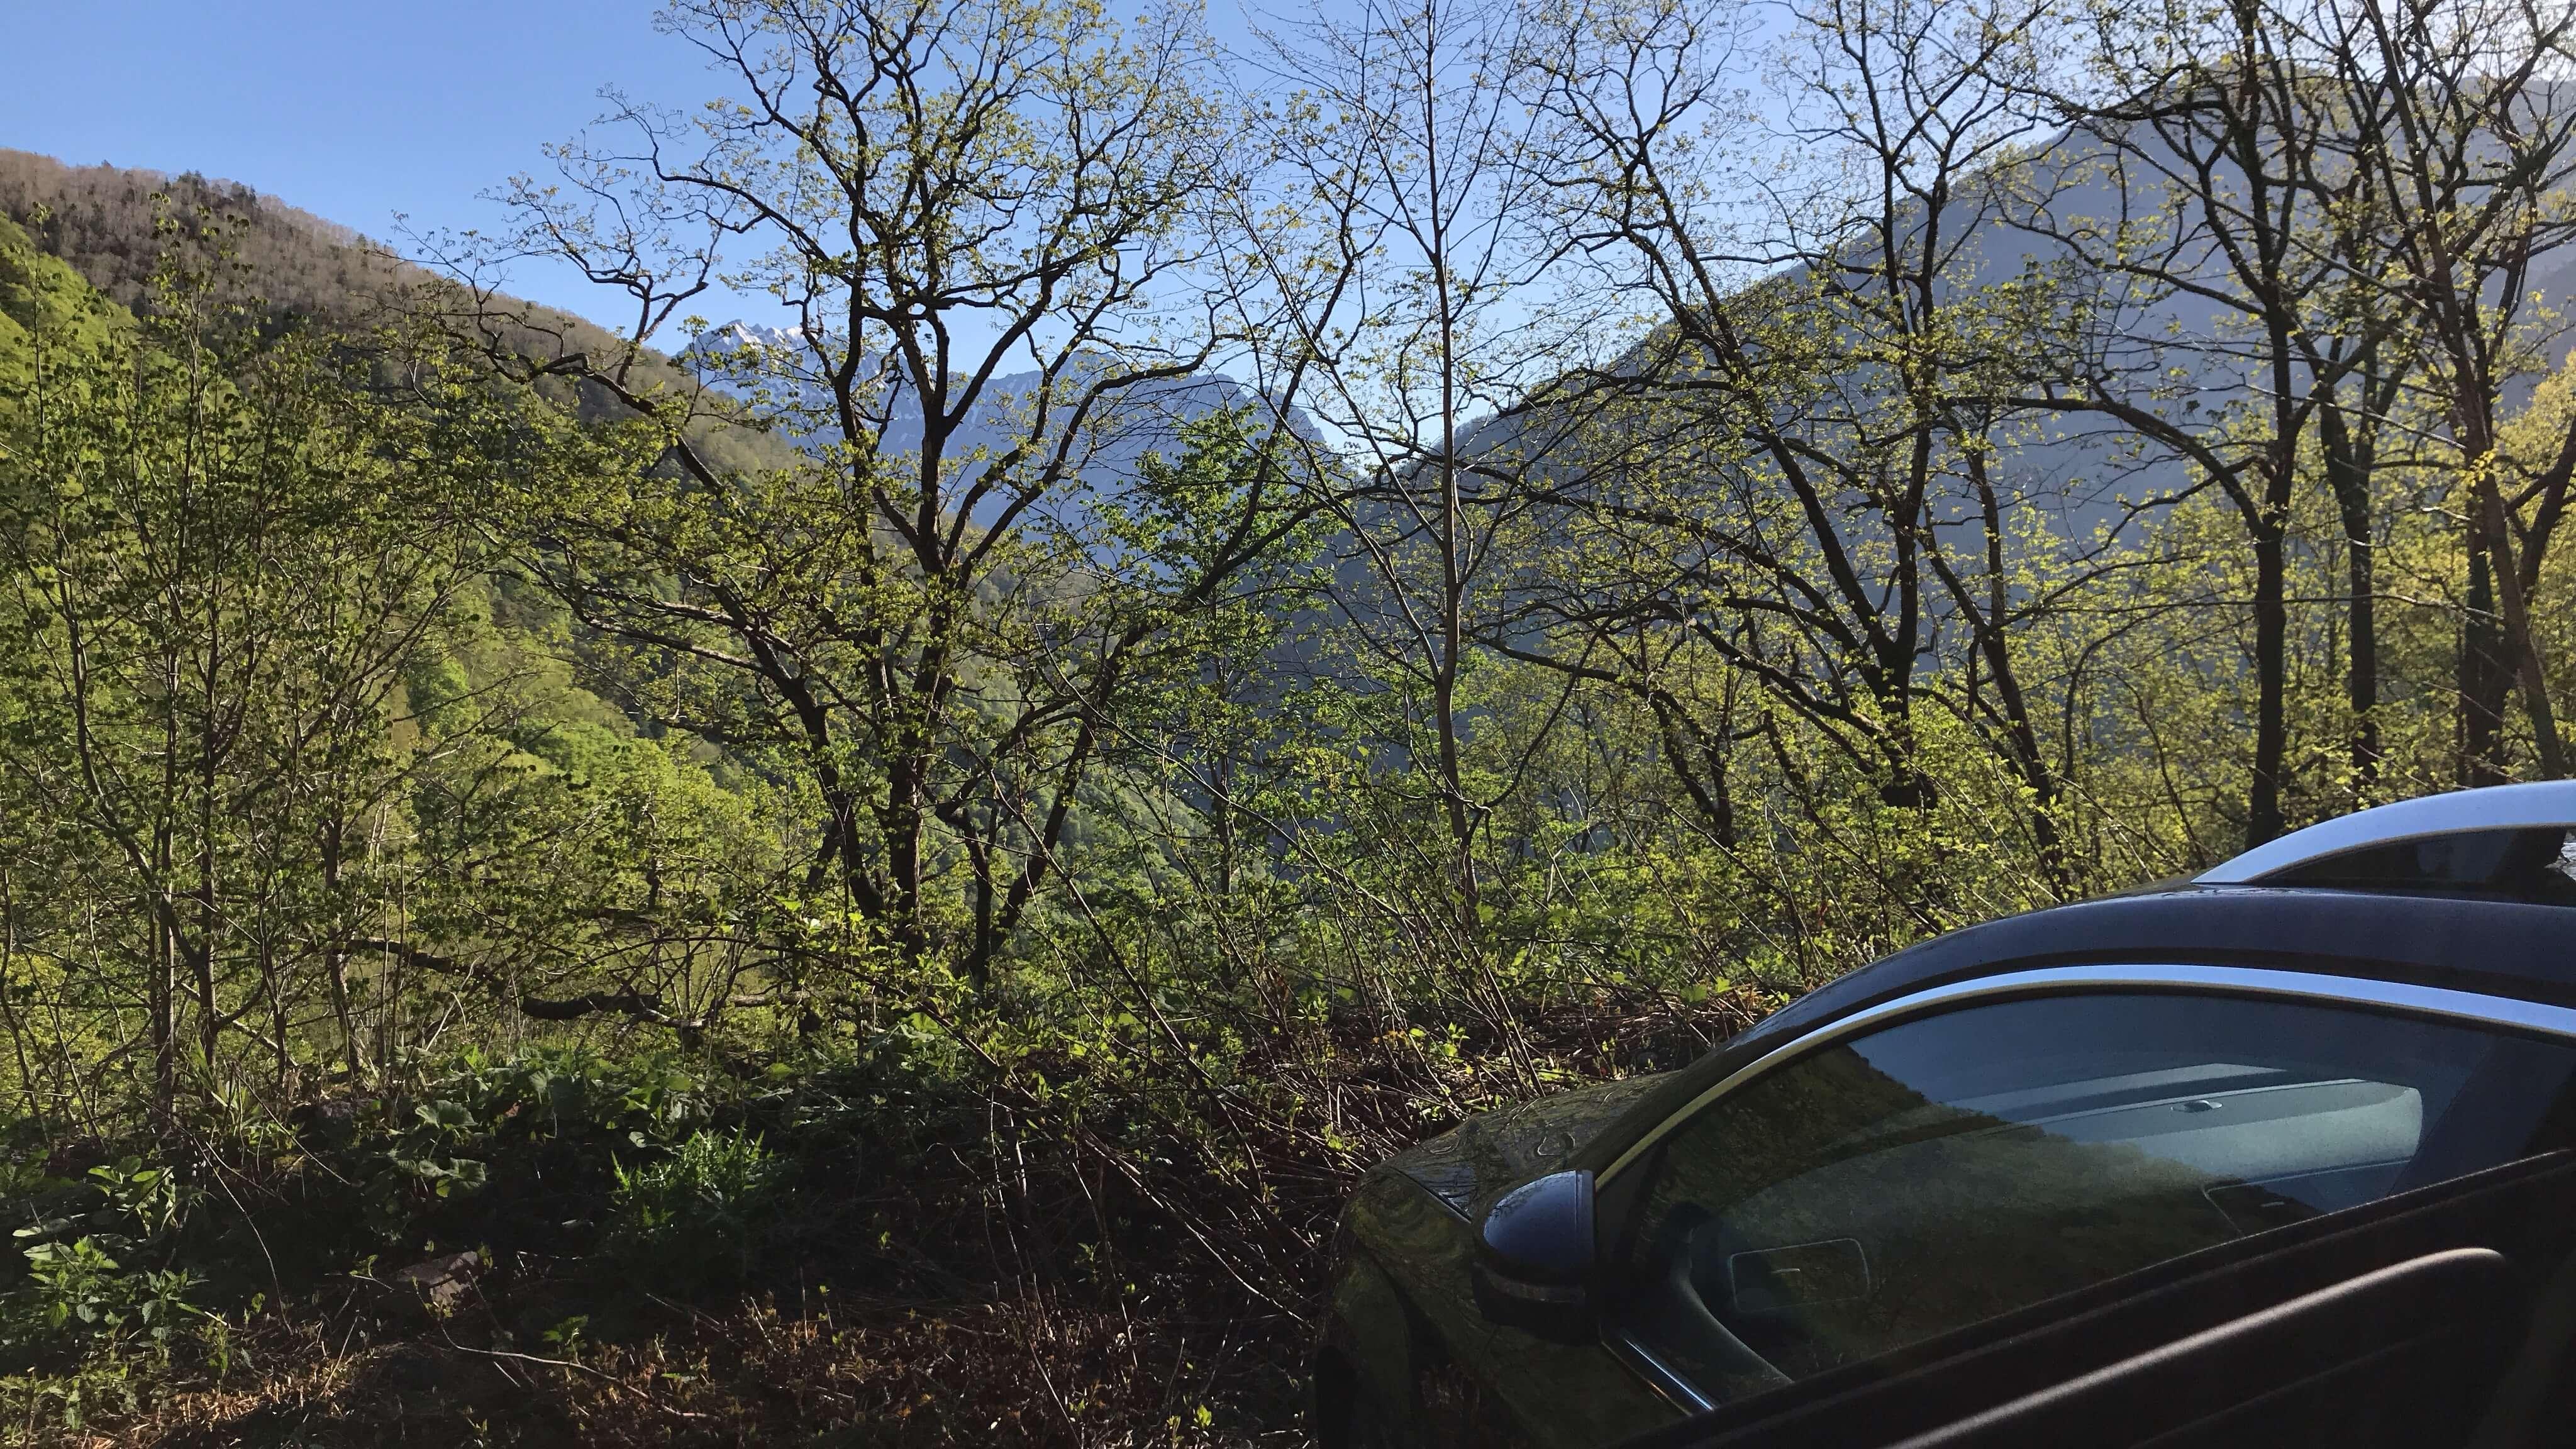 草田アナ 焼岳に登る